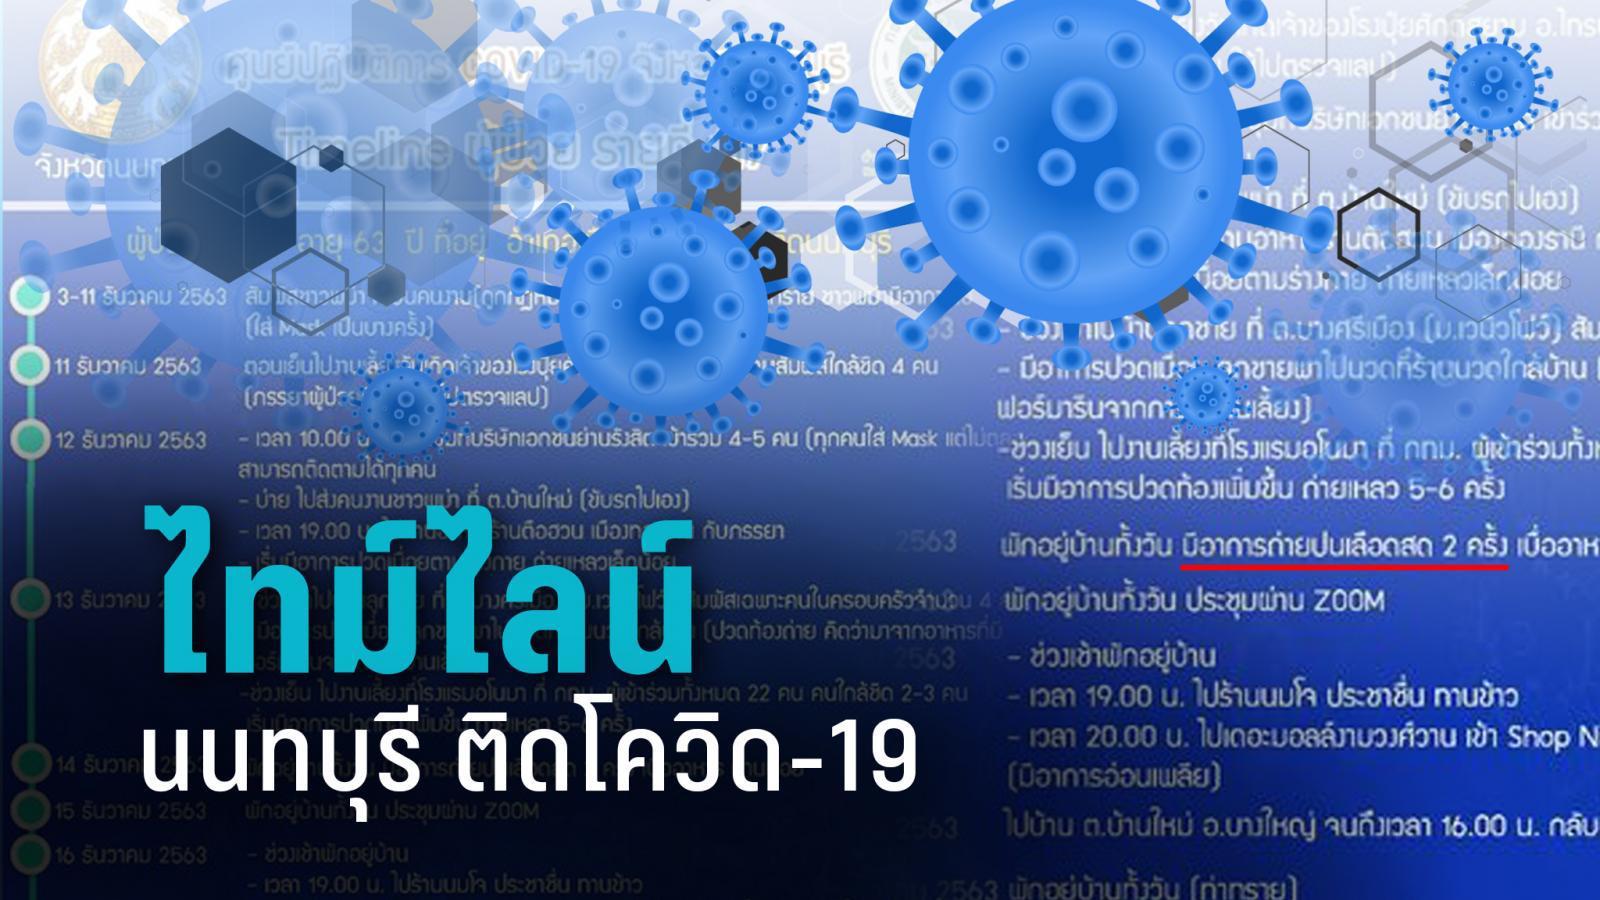 เปิดไทม์ไลน์ ชาย 63 ปี นนทบุรี ติดโควิด-19